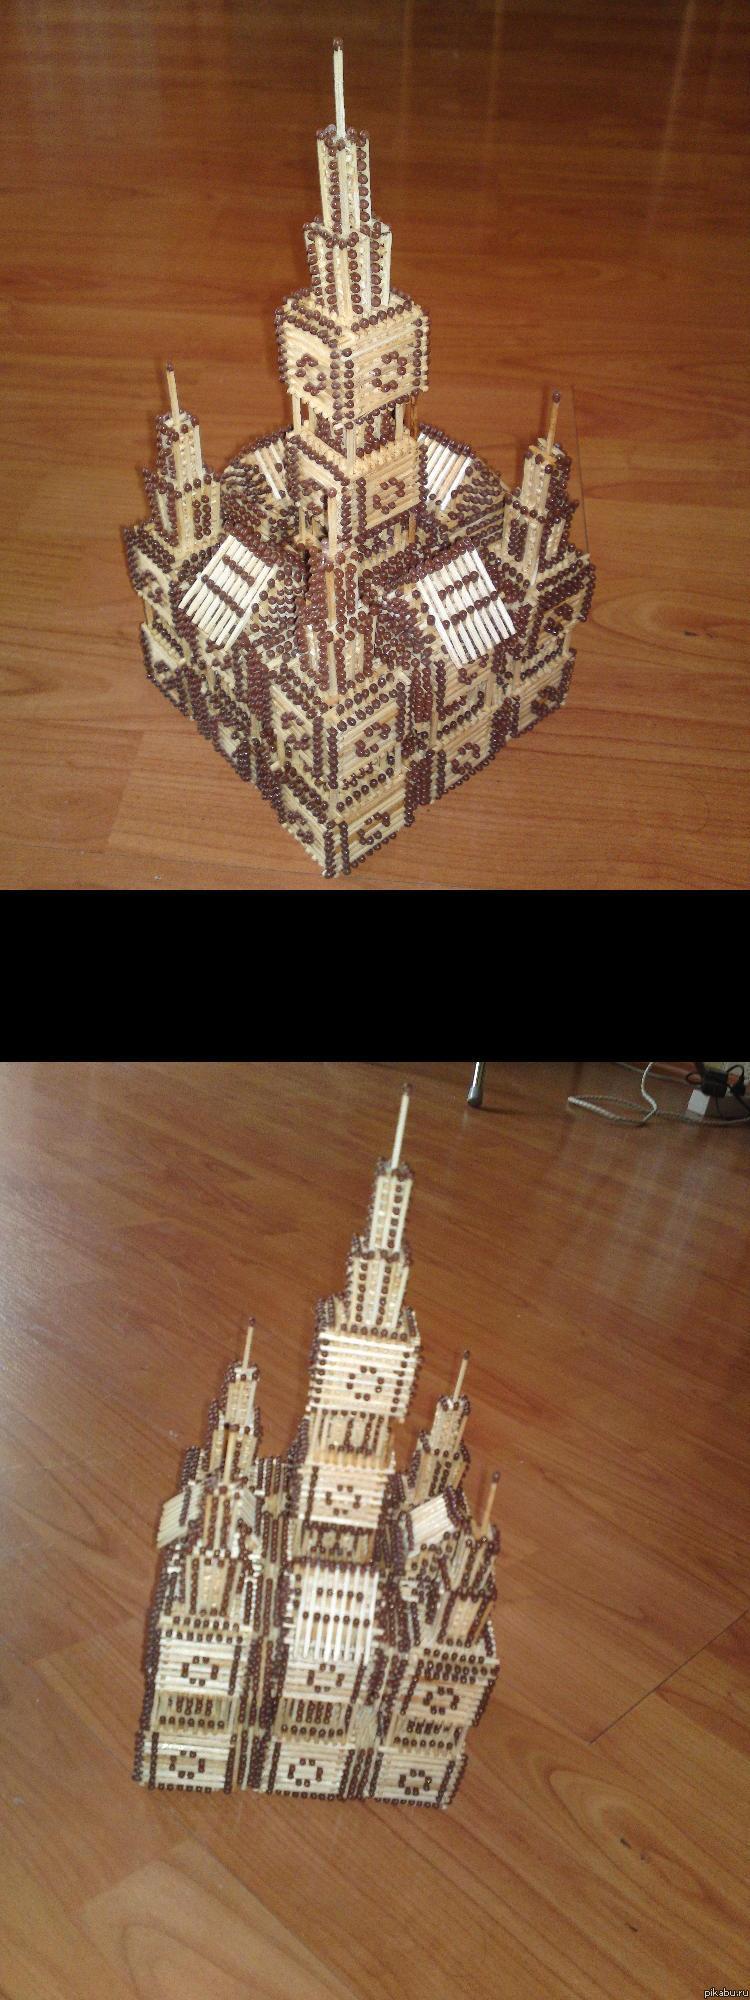 Как сделать замок из спичек пошаговая инструкция